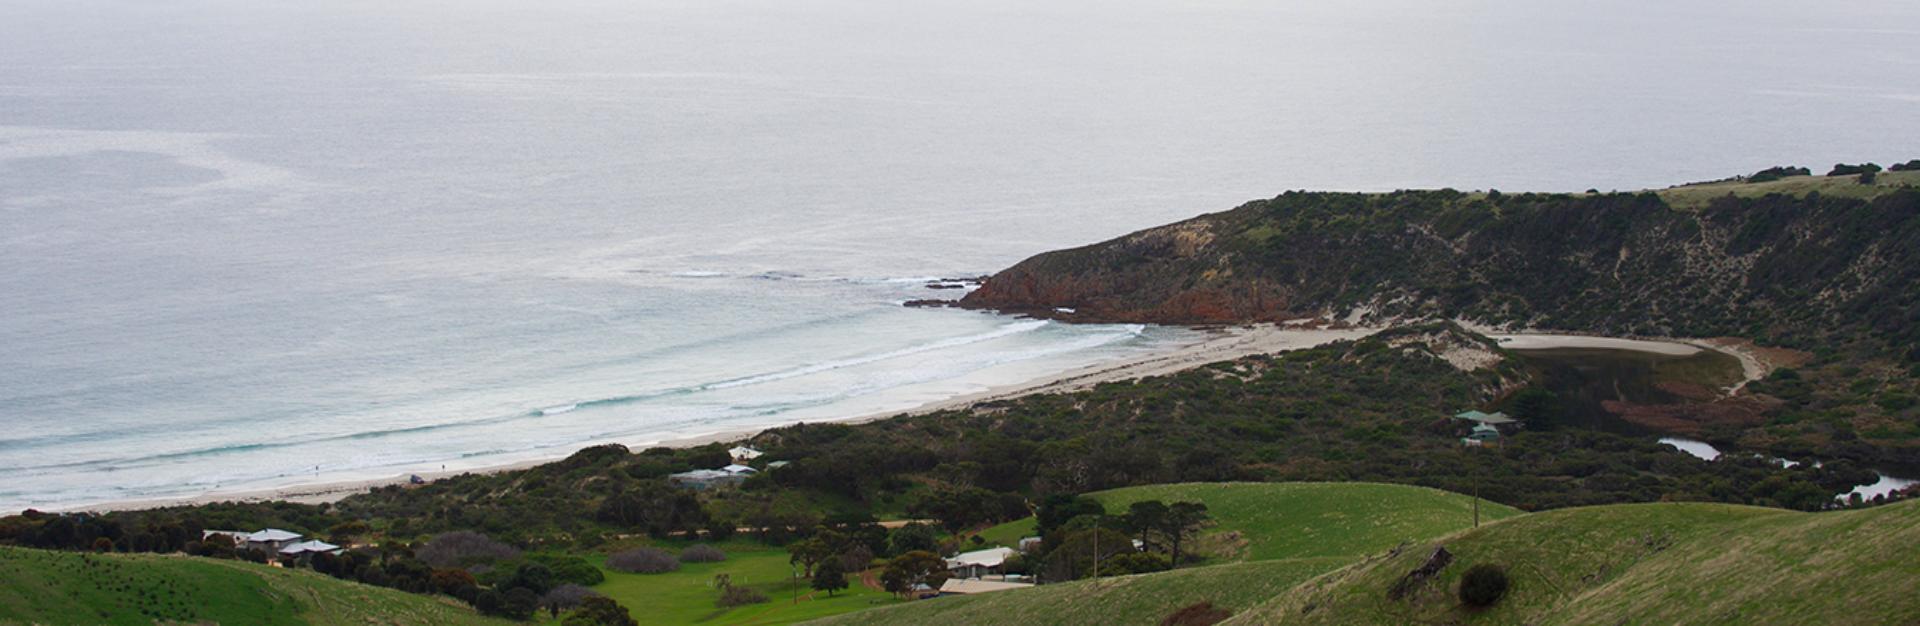 Snellings-View-Kangaroo-Island—Homepage-1